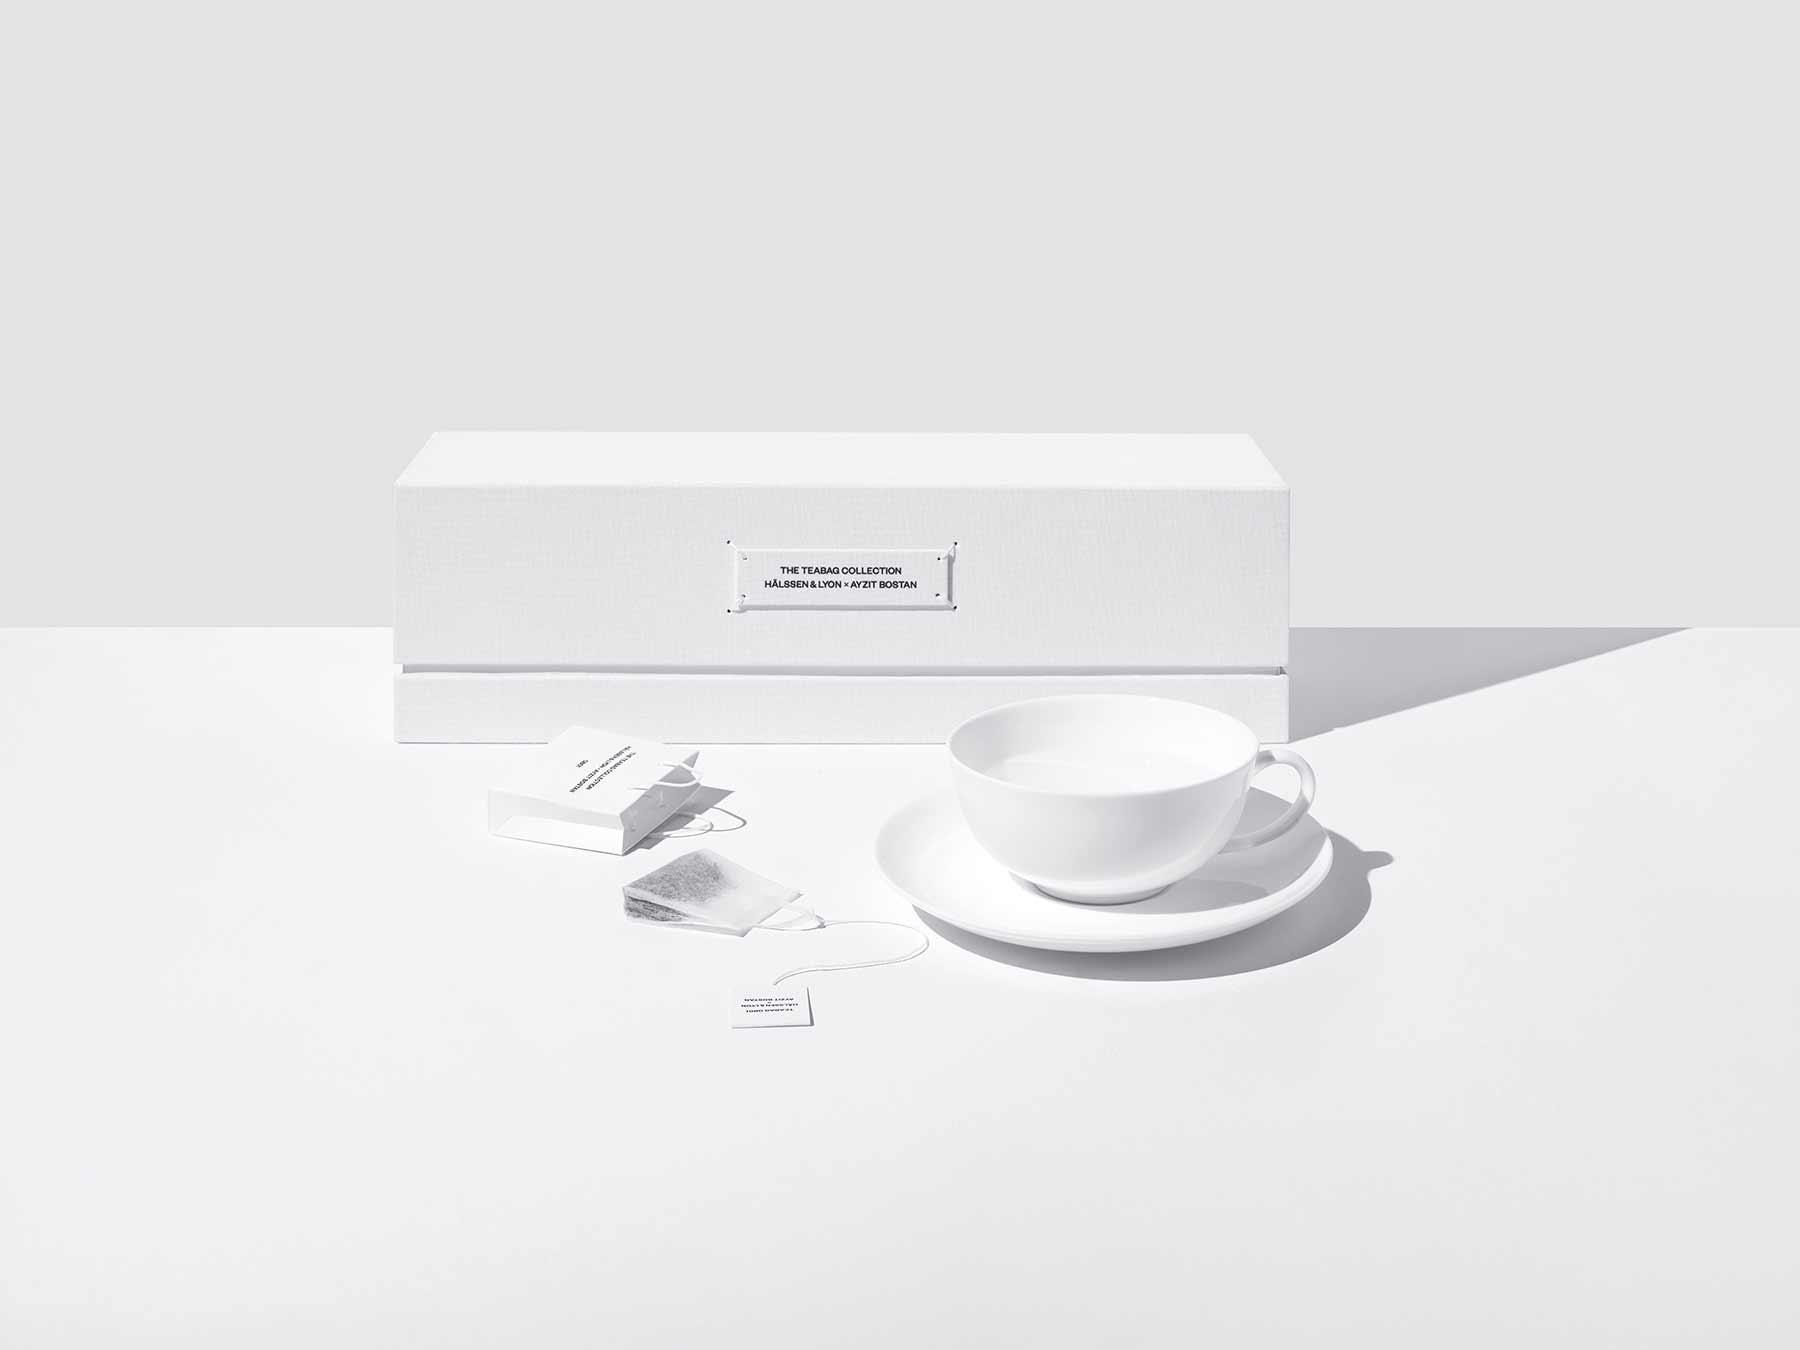 Designertaschen-Teebeutel teabag-collection-teebeutel-handtaschen_06